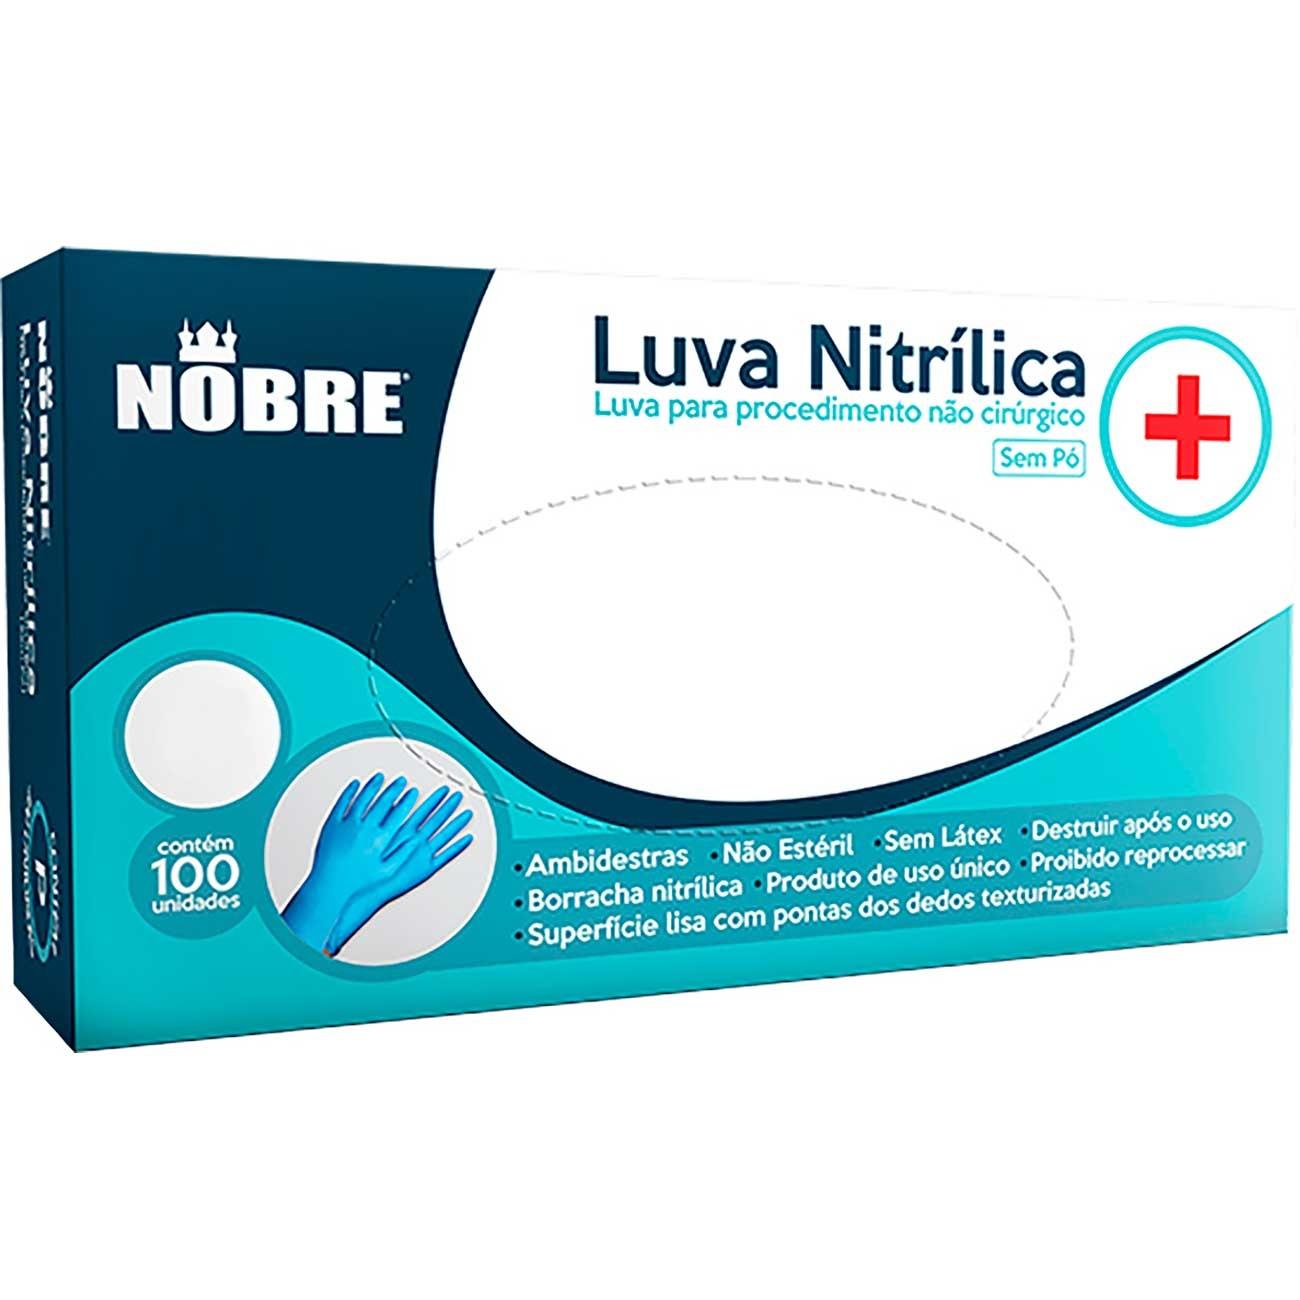 Luva Hospitalar Nitr�lica Nobre Azul - Sem P� 'P'   Caixa com 100 unidades